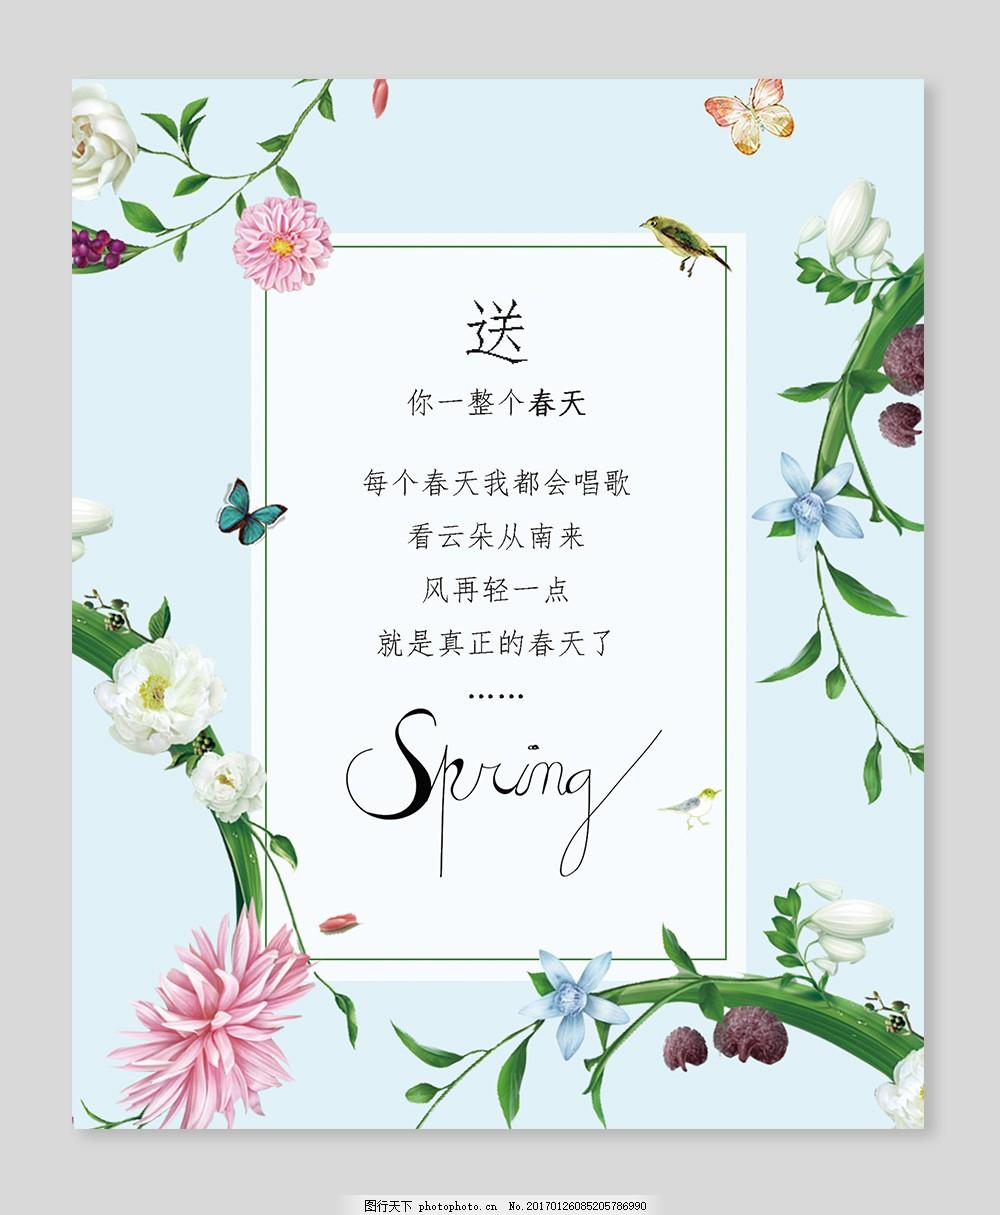 春天小清新海报 送你一整个春天 花朵 绿叶 蝴蝶 小鸟 插画素材